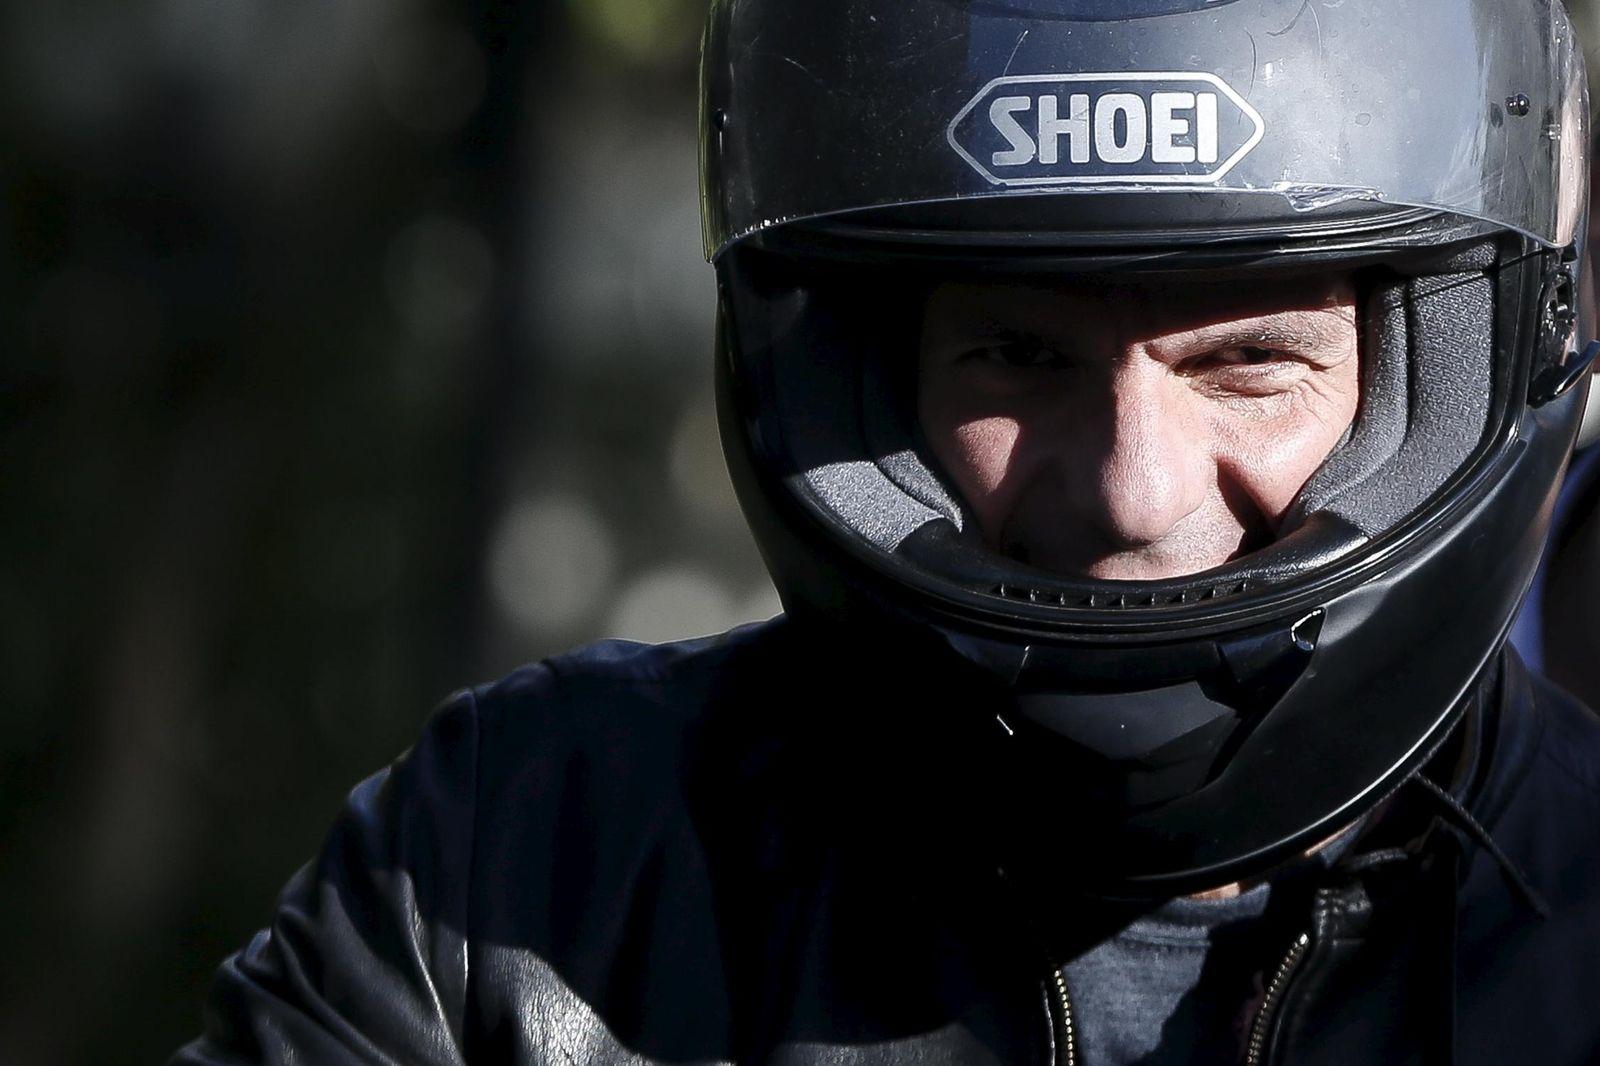 Foto: El ministro de Finanzas griego, Yanis Varufakis, en su moto tras una reunión con Tsipras celebrada el 3 de abril en Atenas (Reuters).